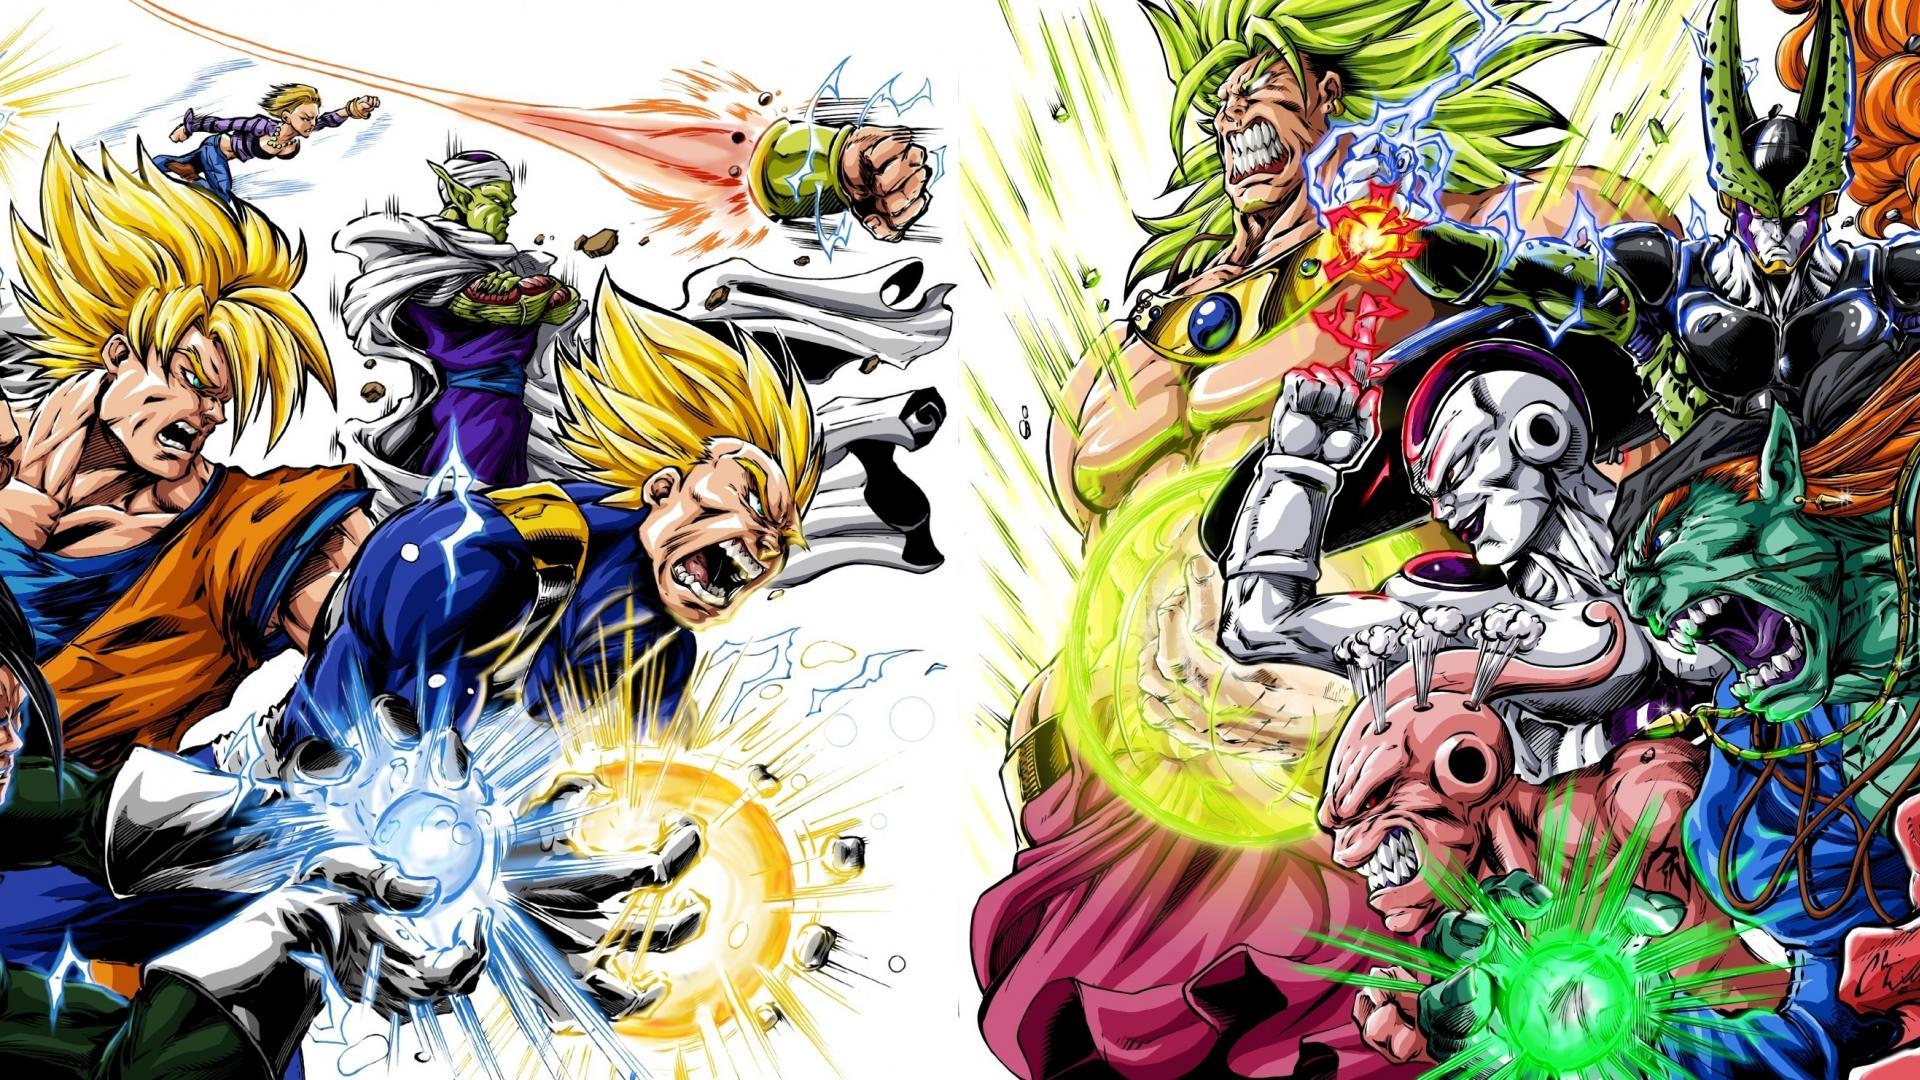 Dragon Ball Z Gt - Dragon Ball Z Heroes Vs Villains - HD Wallpaper